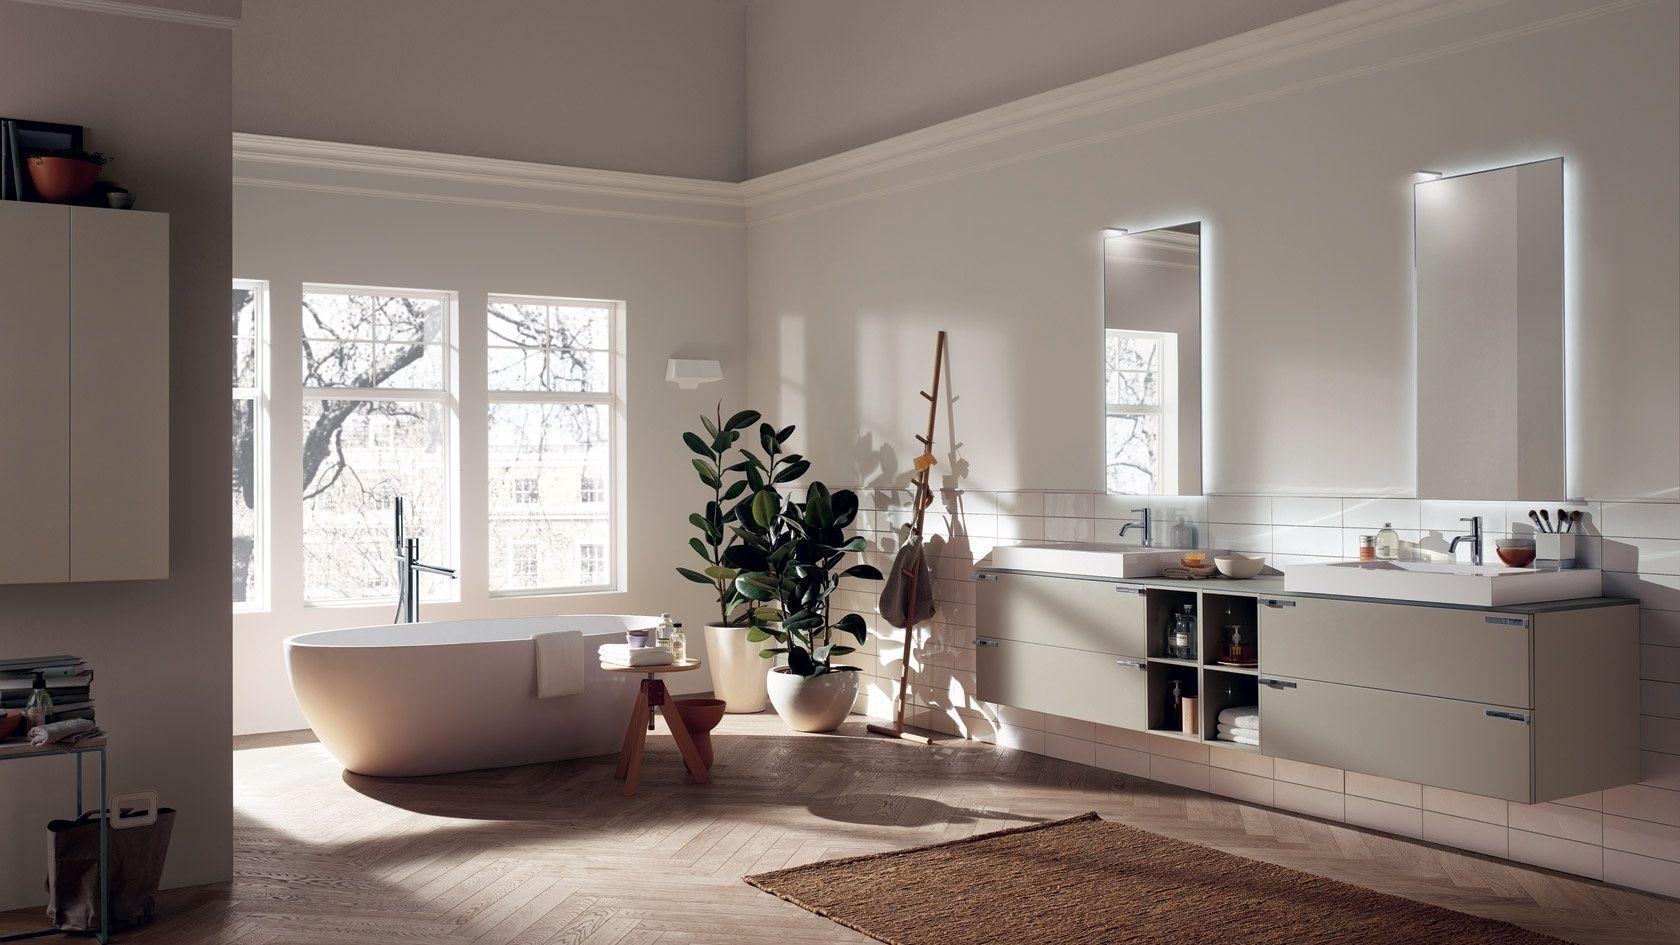 Banheiros escandalosamente luxuosos roubam a cena na casa